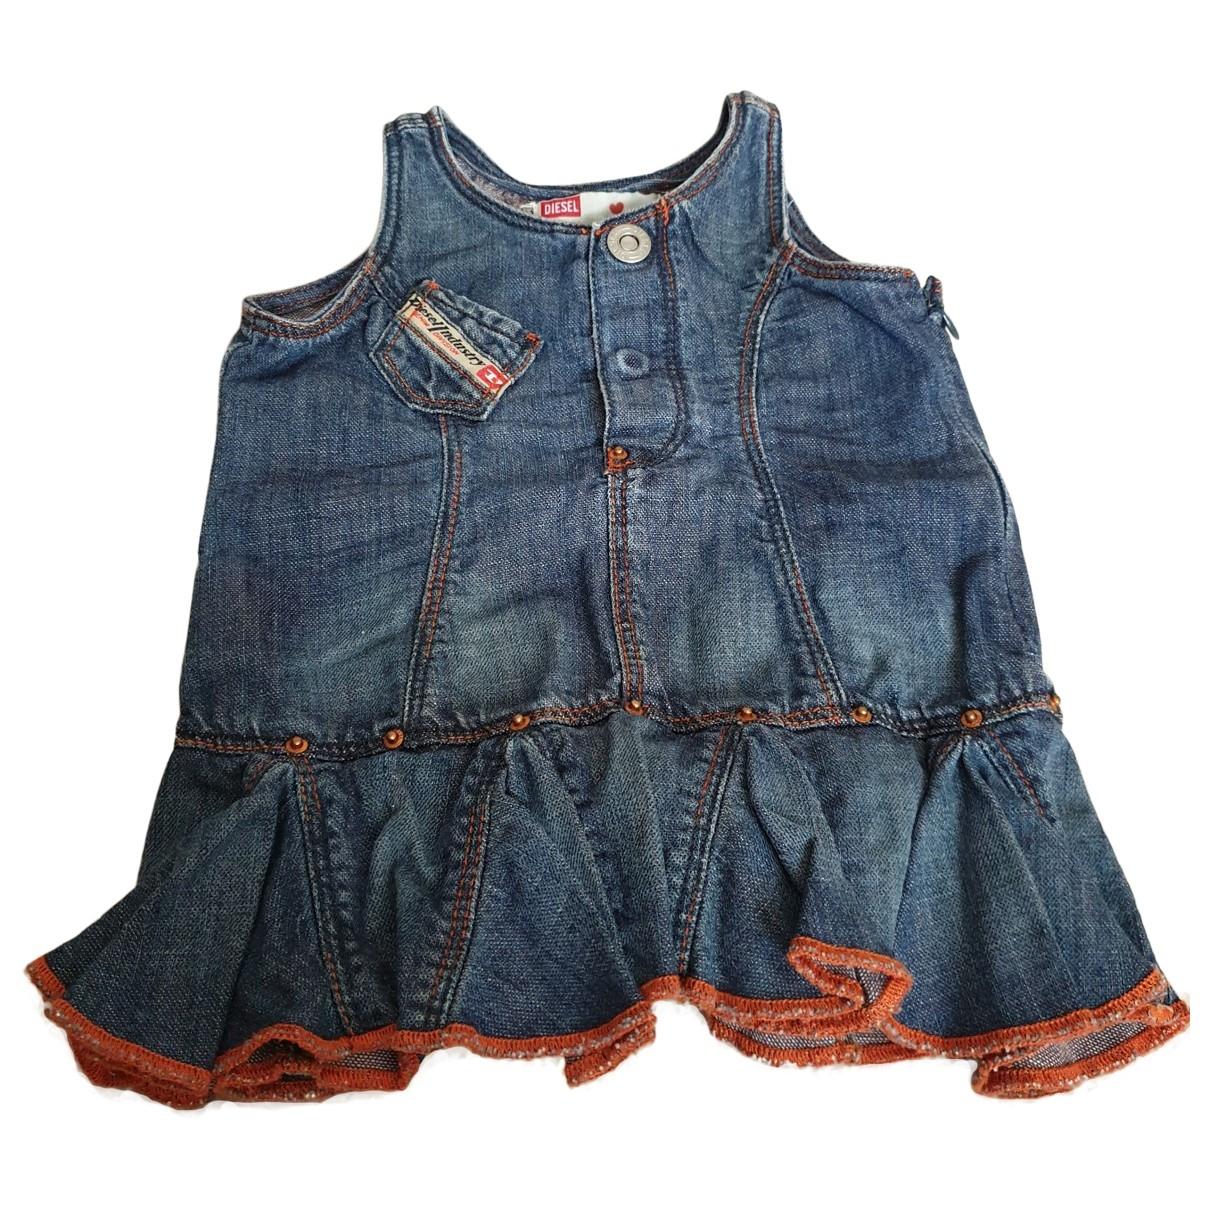 Diesel \N Kleid in  Blau Denim - Jeans